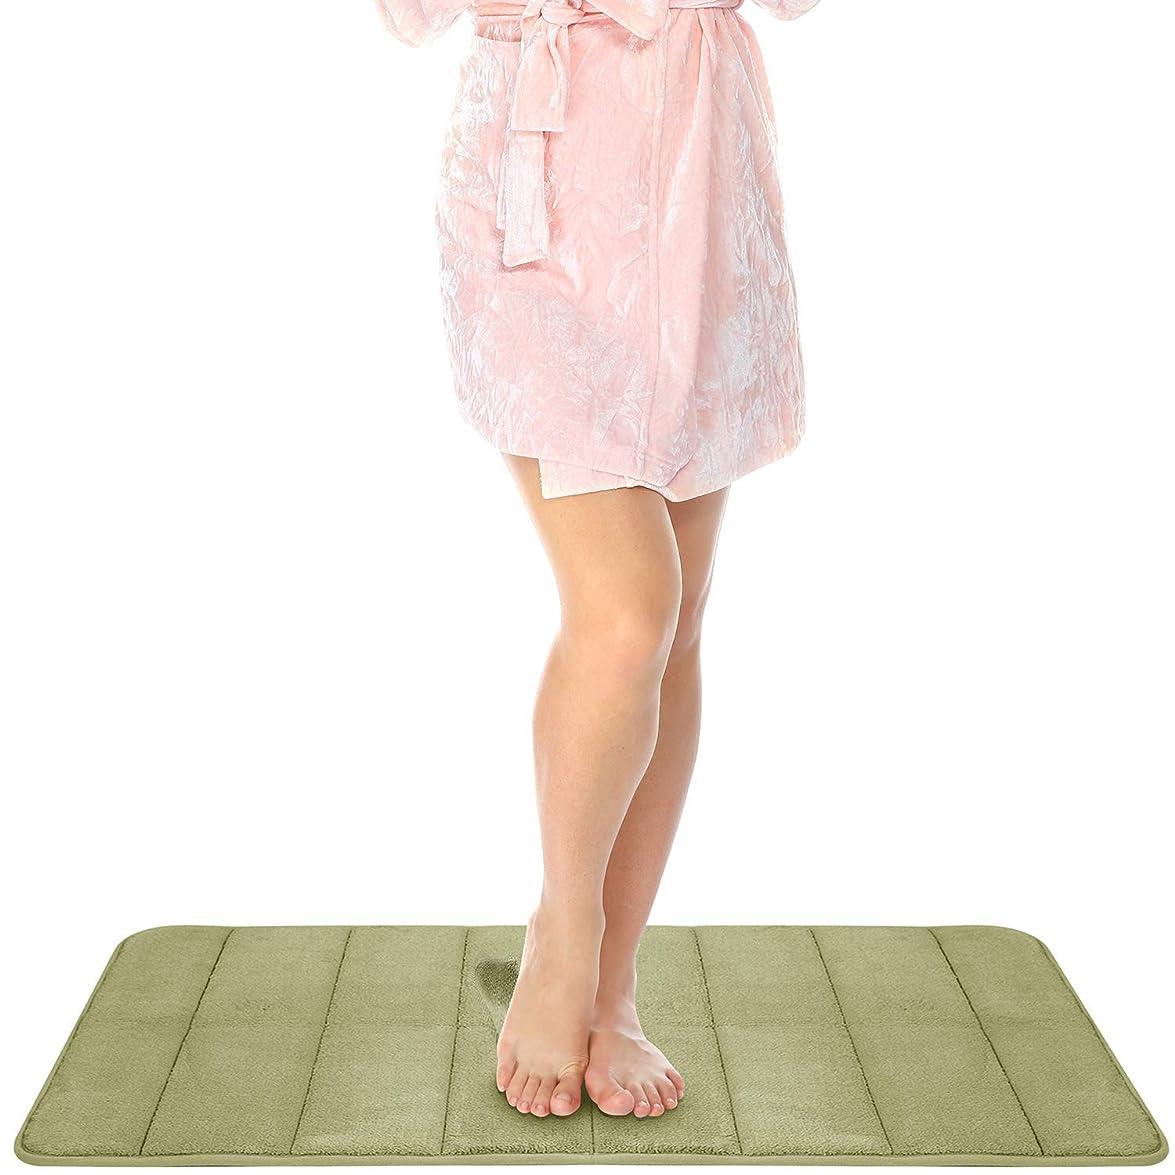 偉業とは異なり良心NEWYAK 吸水性抜群 快適 ソフト 足ふきマット,浴槽 浴室 玄関 速乾 厚手 マシン-洗える-グリーン 160x60